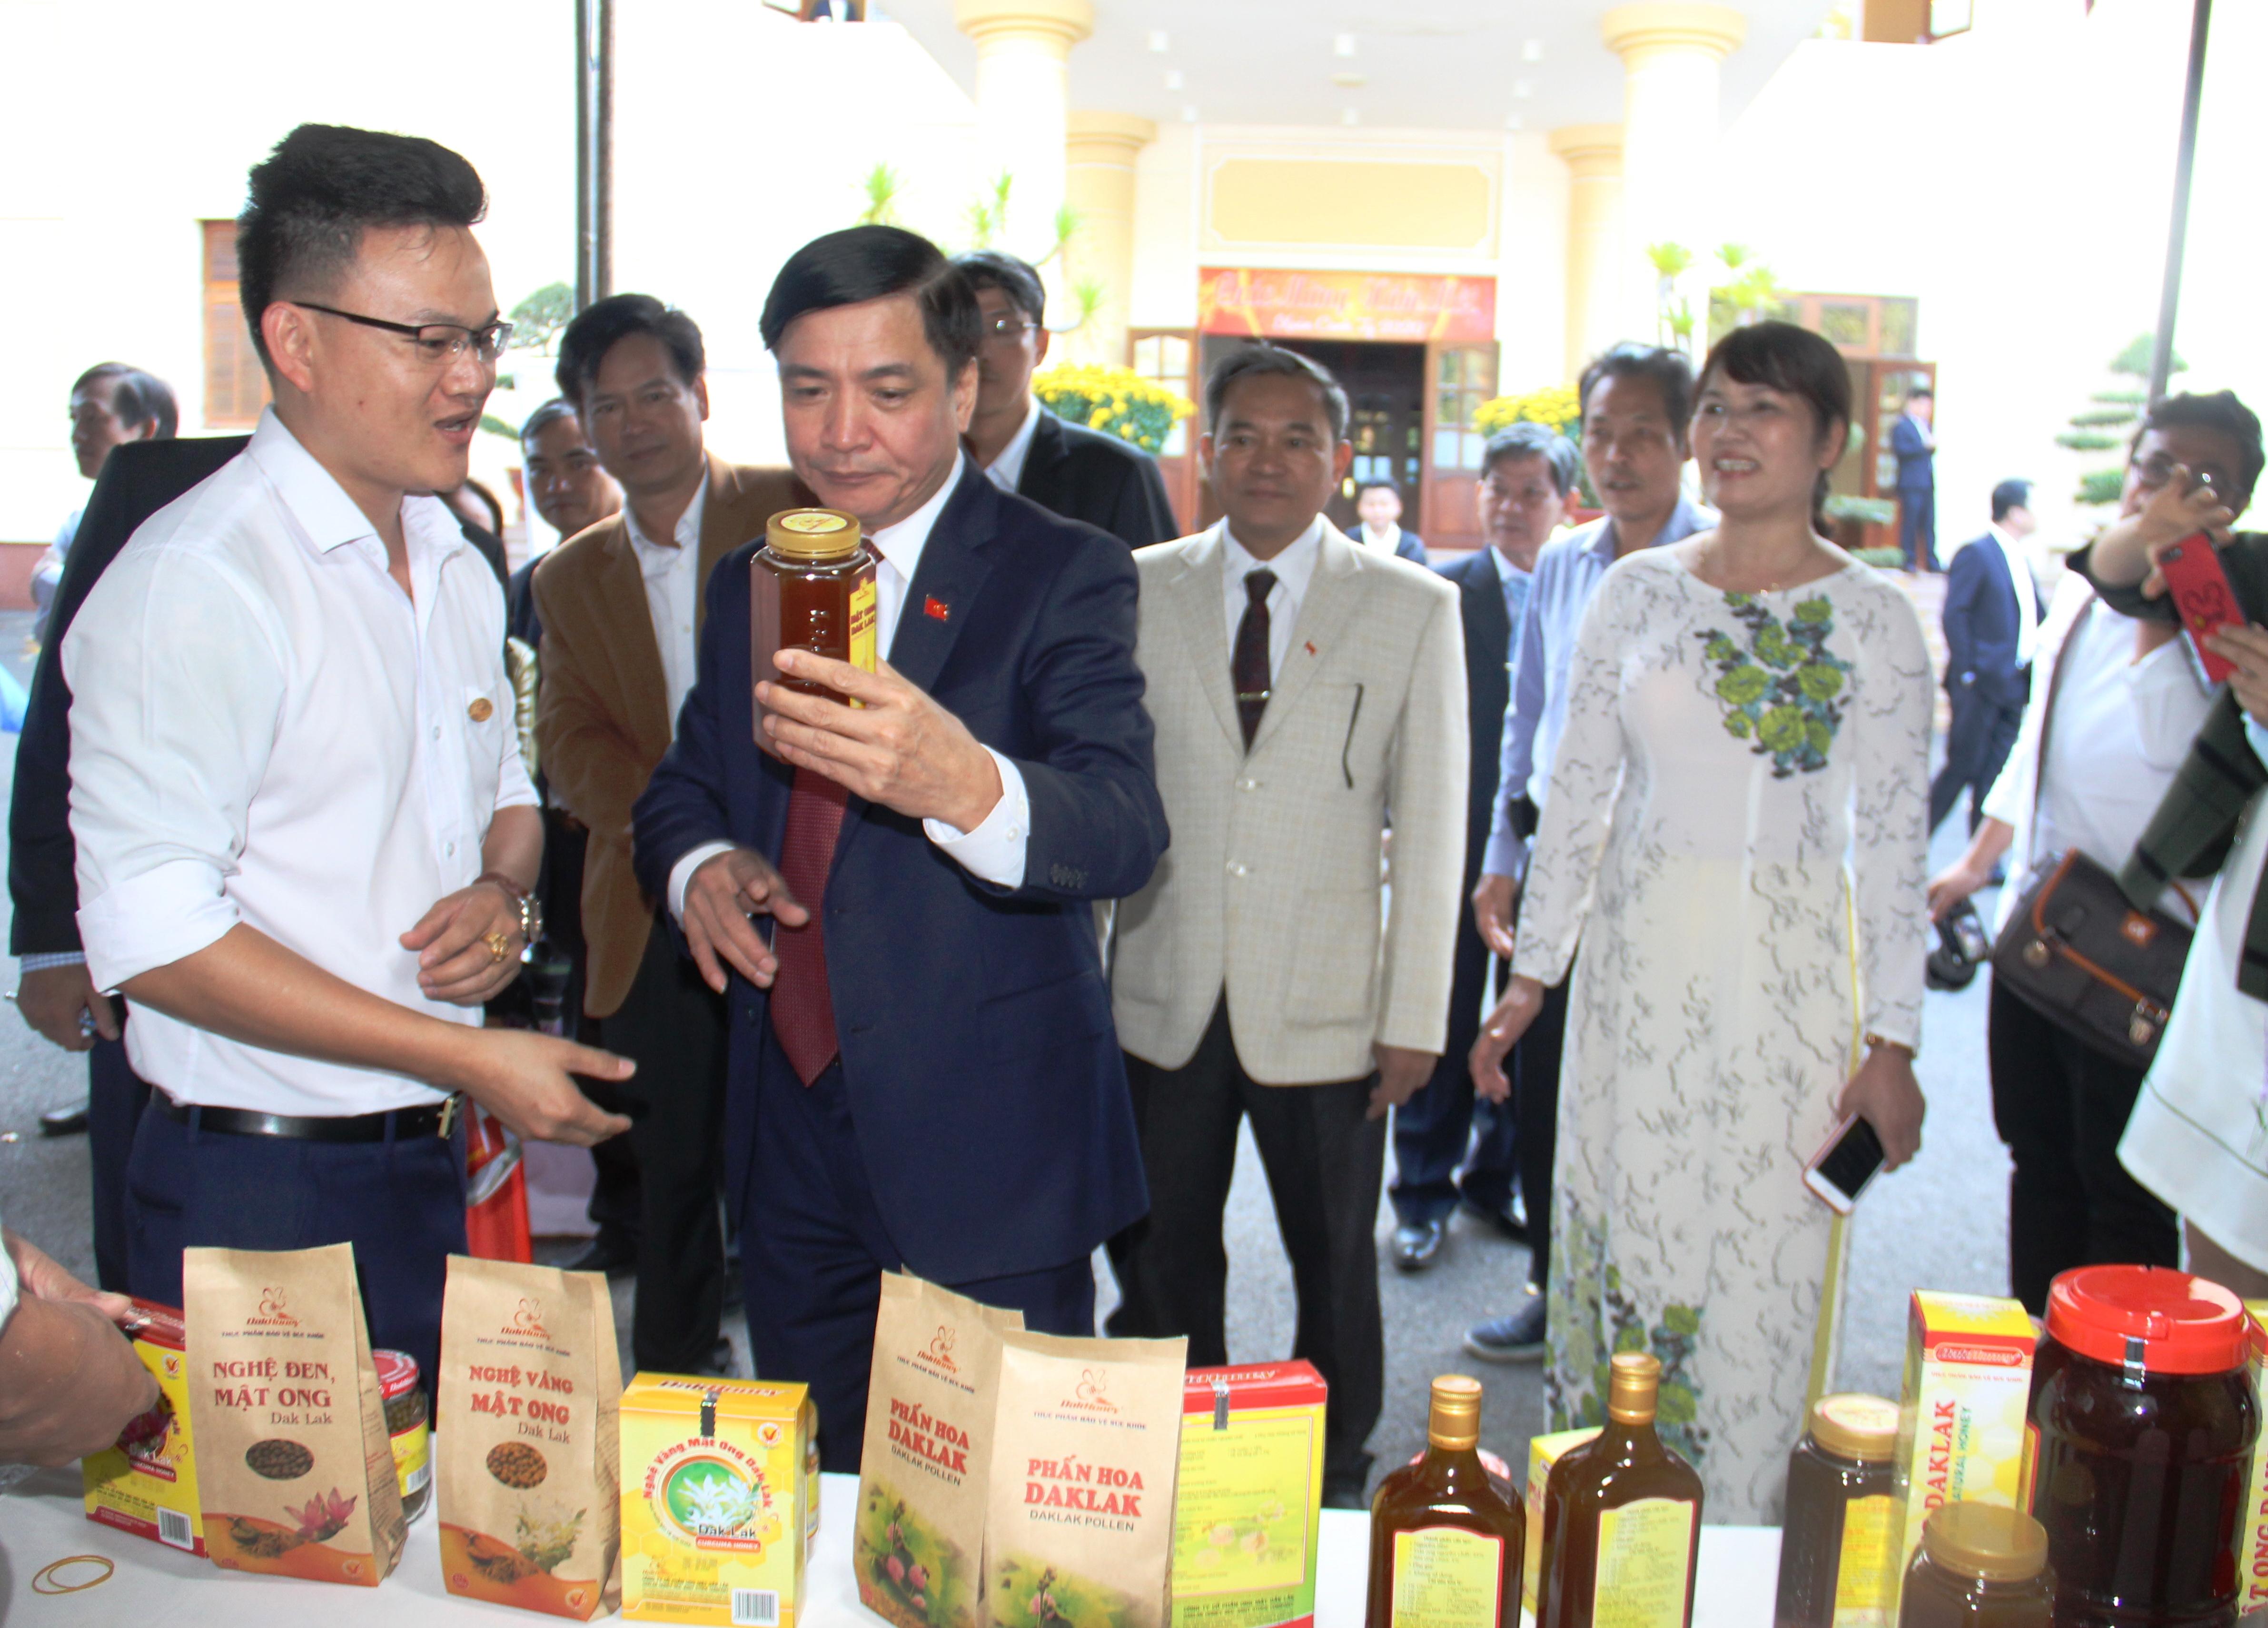 Bí thư Tỉnh ủy đề nghị các nhóm giải pháp để cải thiện môi trường kinh doanh, phát huy tiềm lực doanh nghiệp Đắk Lắk